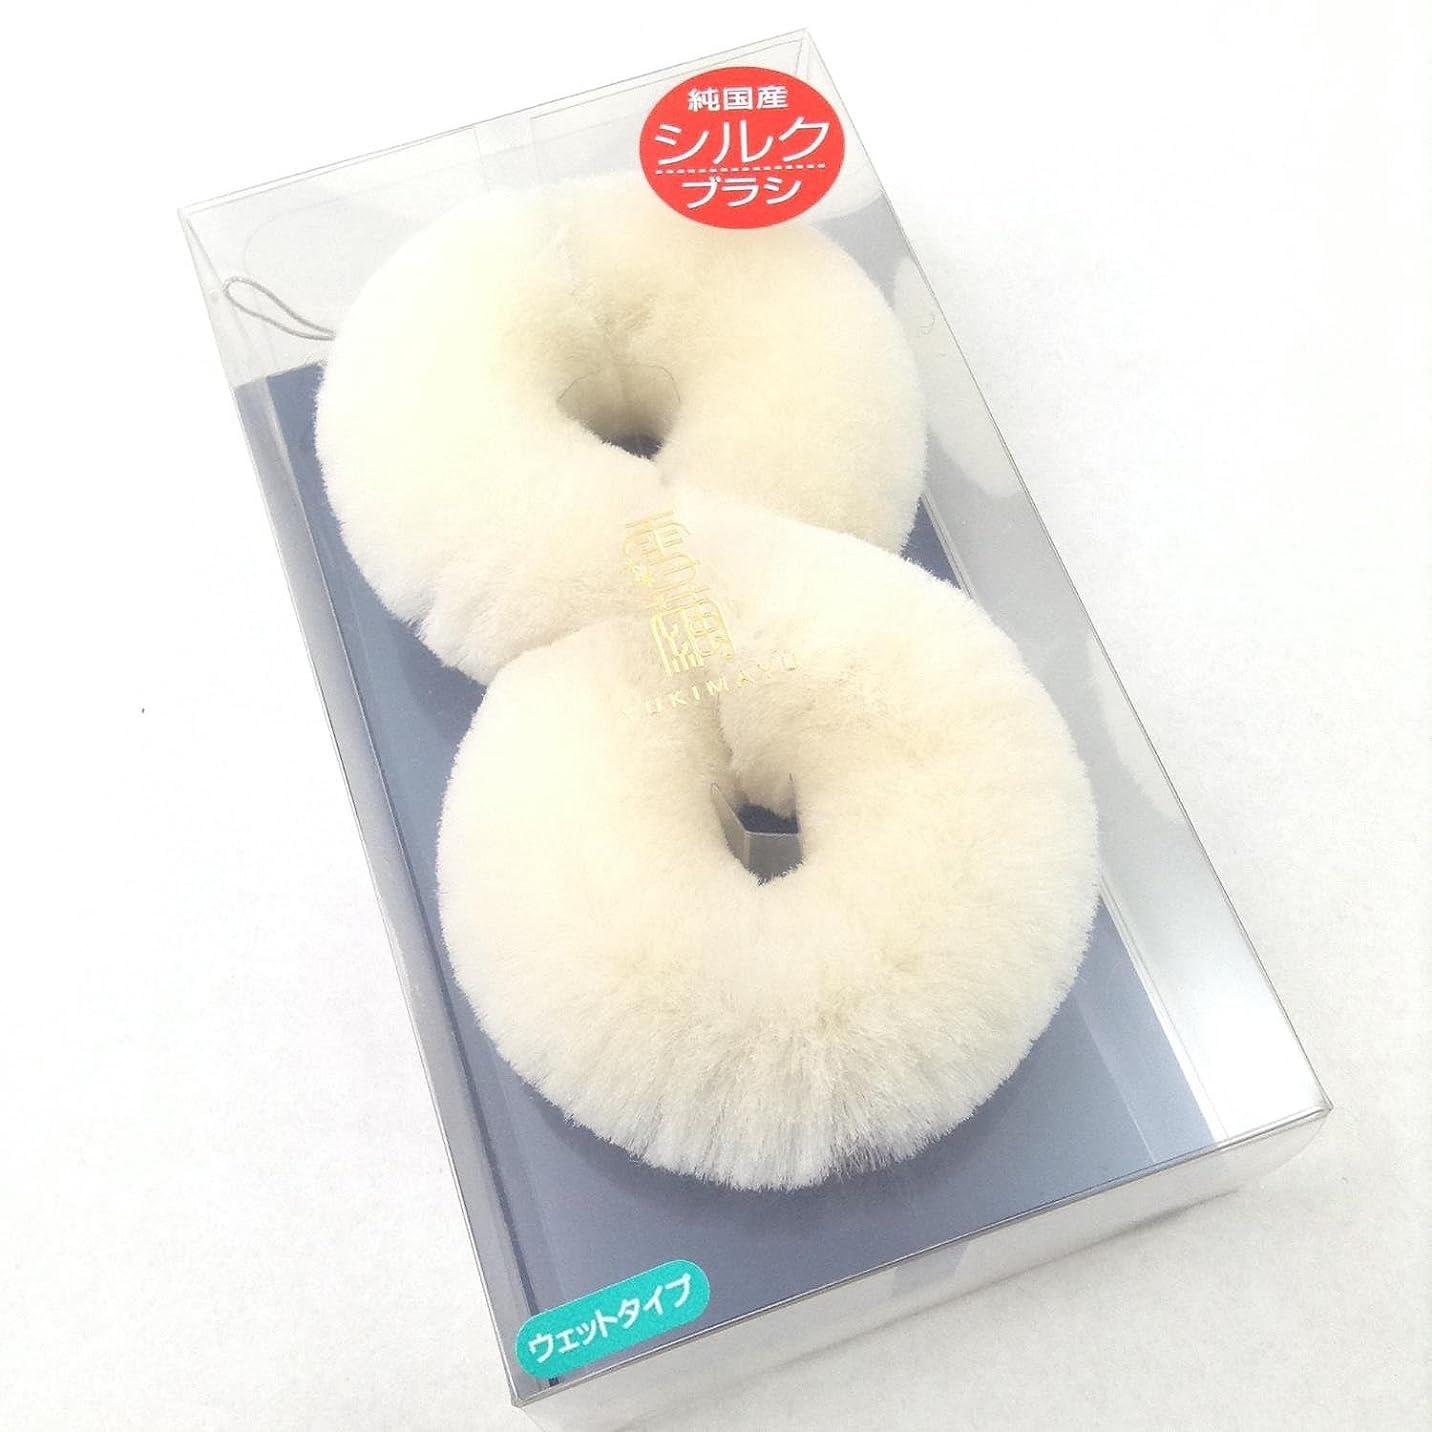 の間にバンドルアンテナ雪繭 ゆきまゆ シルク 絹 マッサージブラシ ウェットタイプ 特大サイズ ボディ用